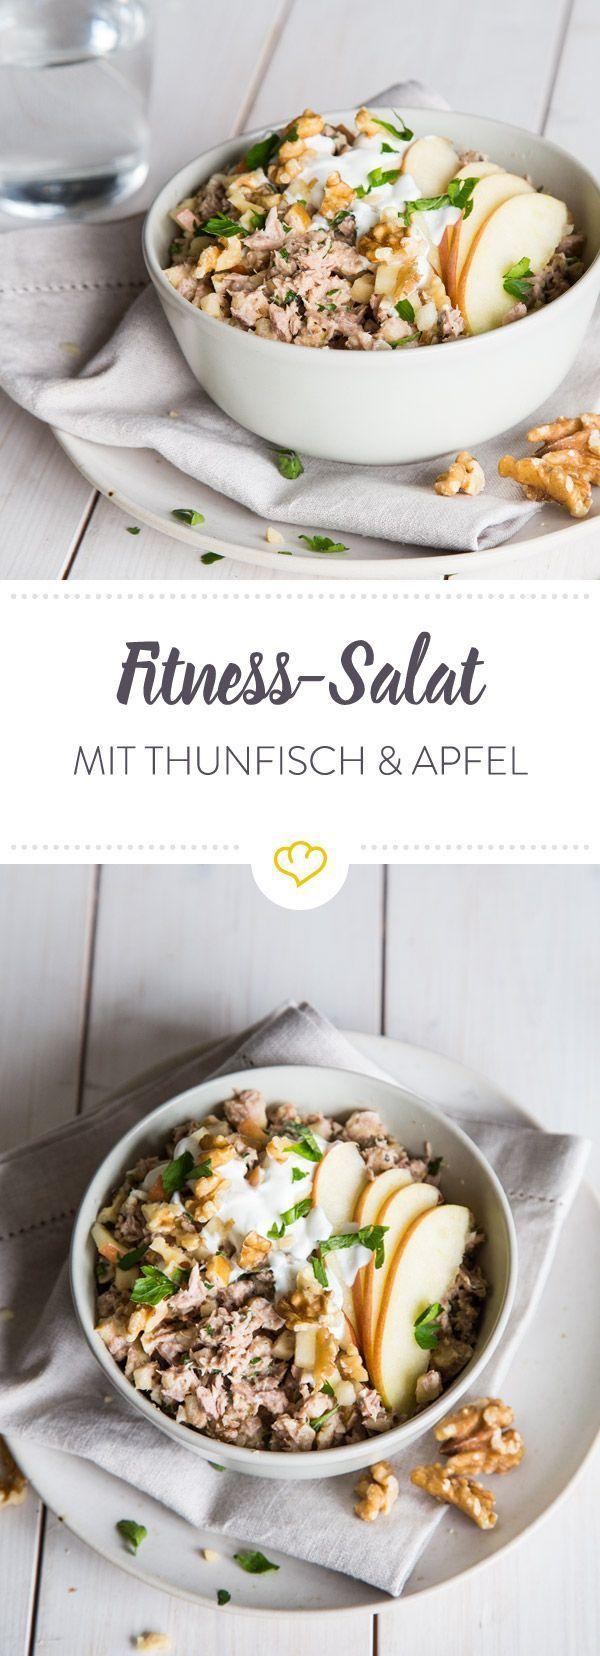 Fitness Thunfischsalat mit Apfel und Walnüssen   - Low-Carb Rezepte - leicht & lecker - #Apfel #Fitn...